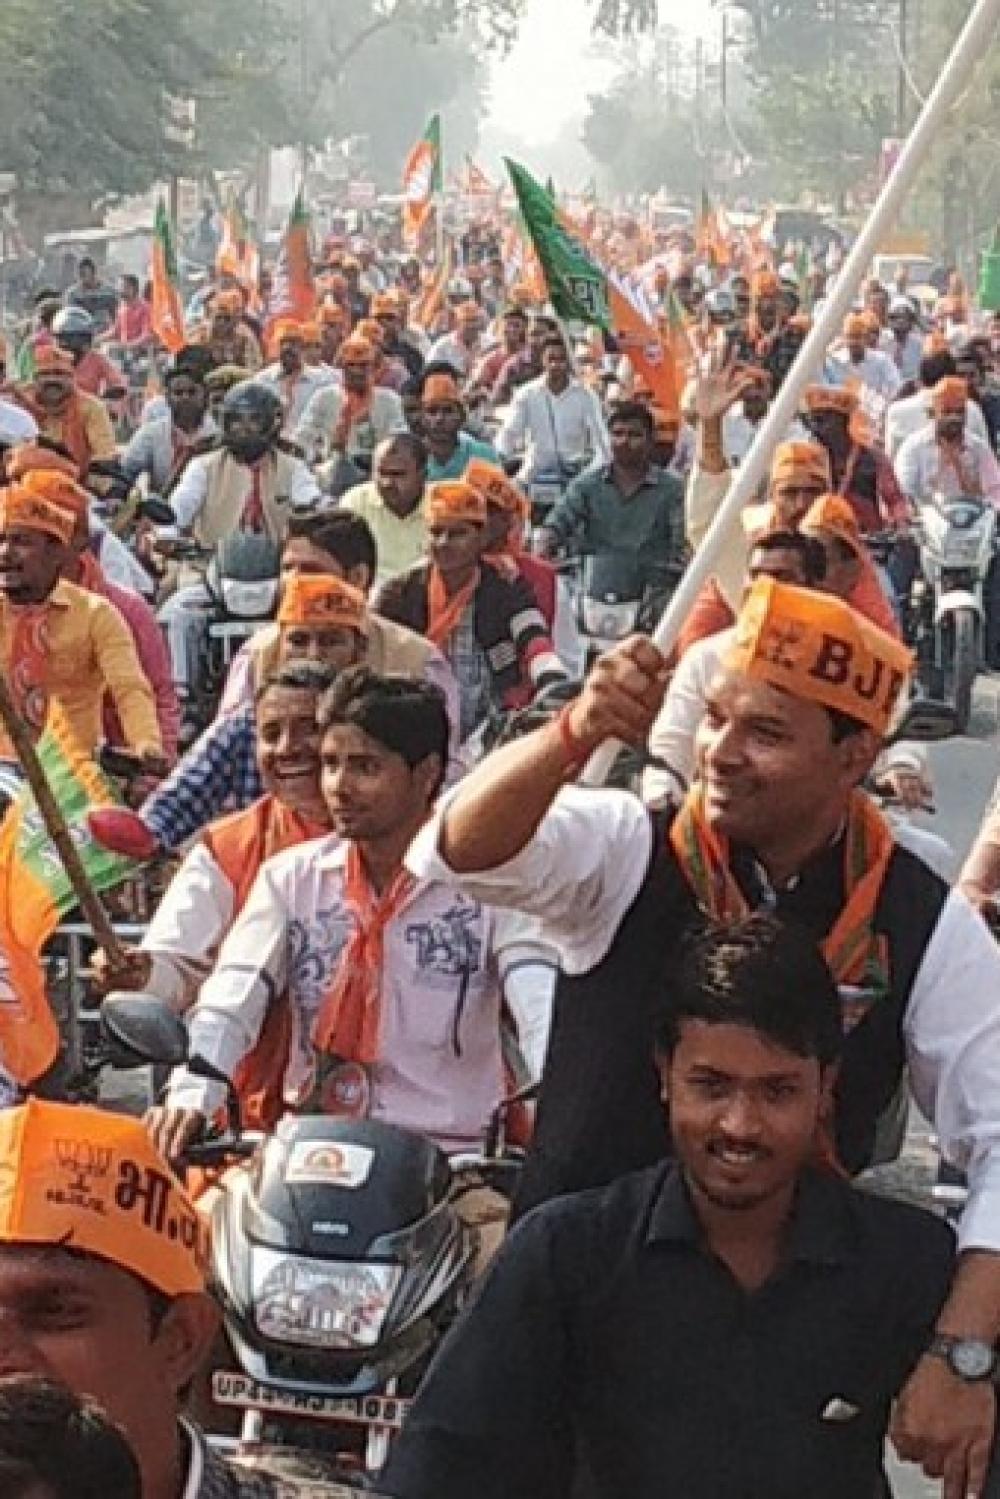 उत्तर प्रदेश में बीजेपी की कमल संदेश बाइक रैली जमकर नियमों की धज्जियां उड़ाई गई